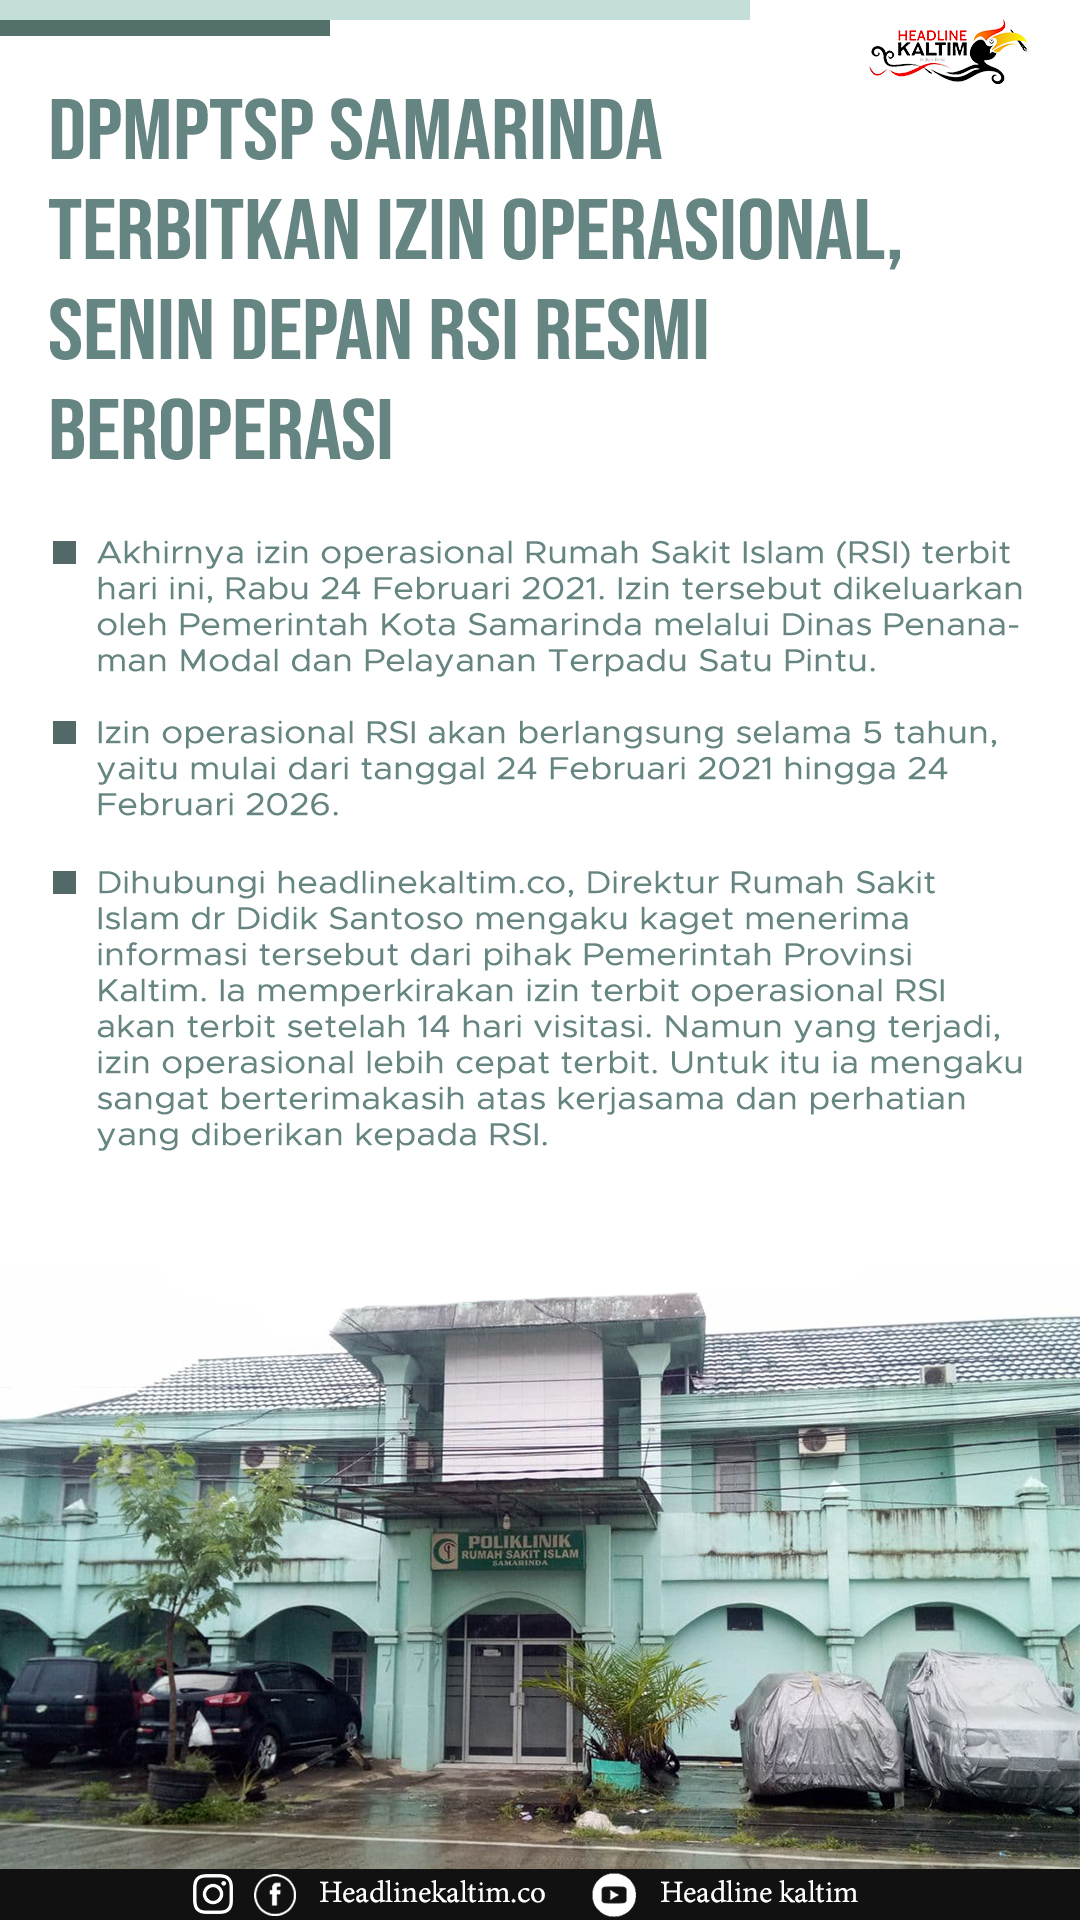 DPMPTSP Samarinda Terbitkan Izin Operasional, Senin Depan RSI Resmi Beroperasi